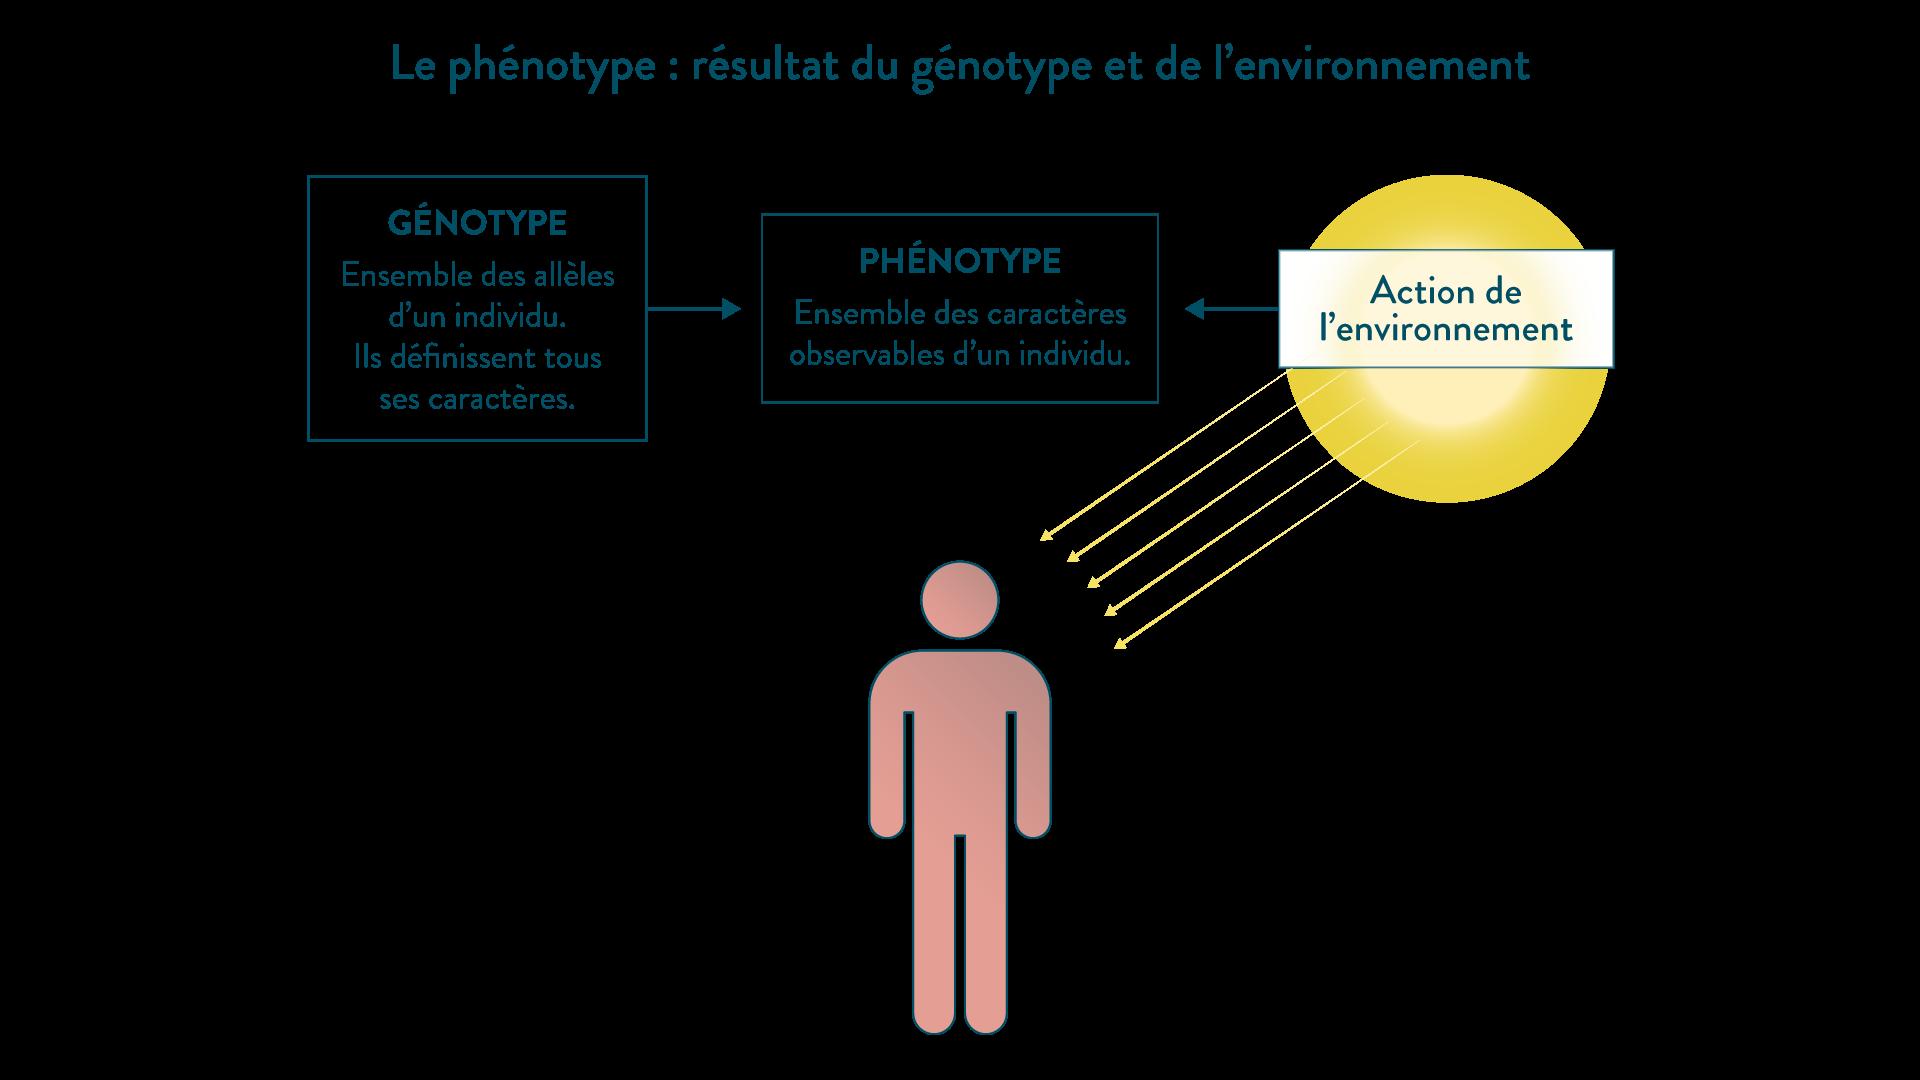 Le phénotype : résultat du génotype et de l'environnement